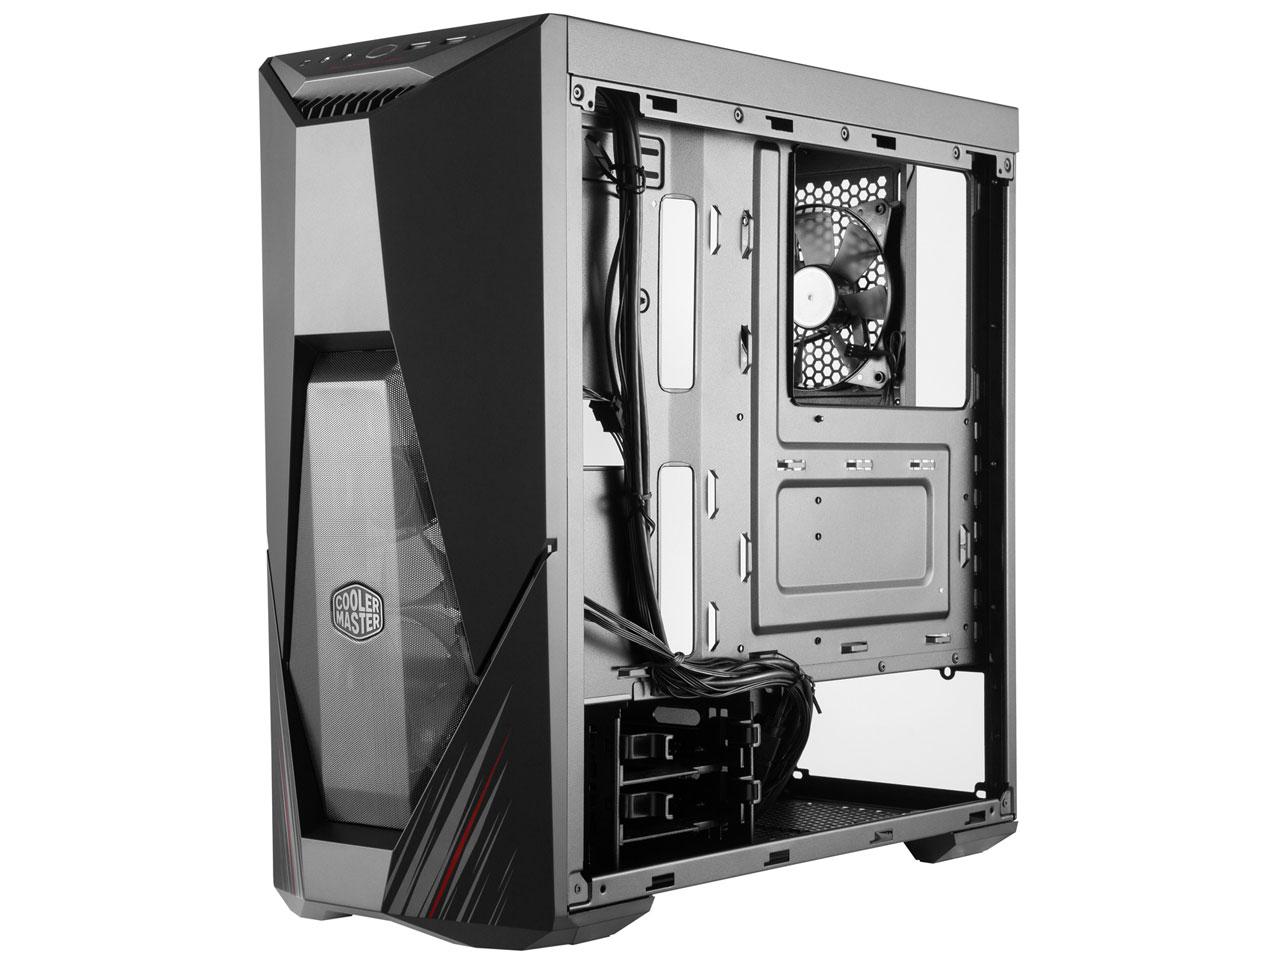 『本体 内部』 MasterBox K500 Phantom Gaming Edition MCB-K500D-KGNN-ASR の製品画像